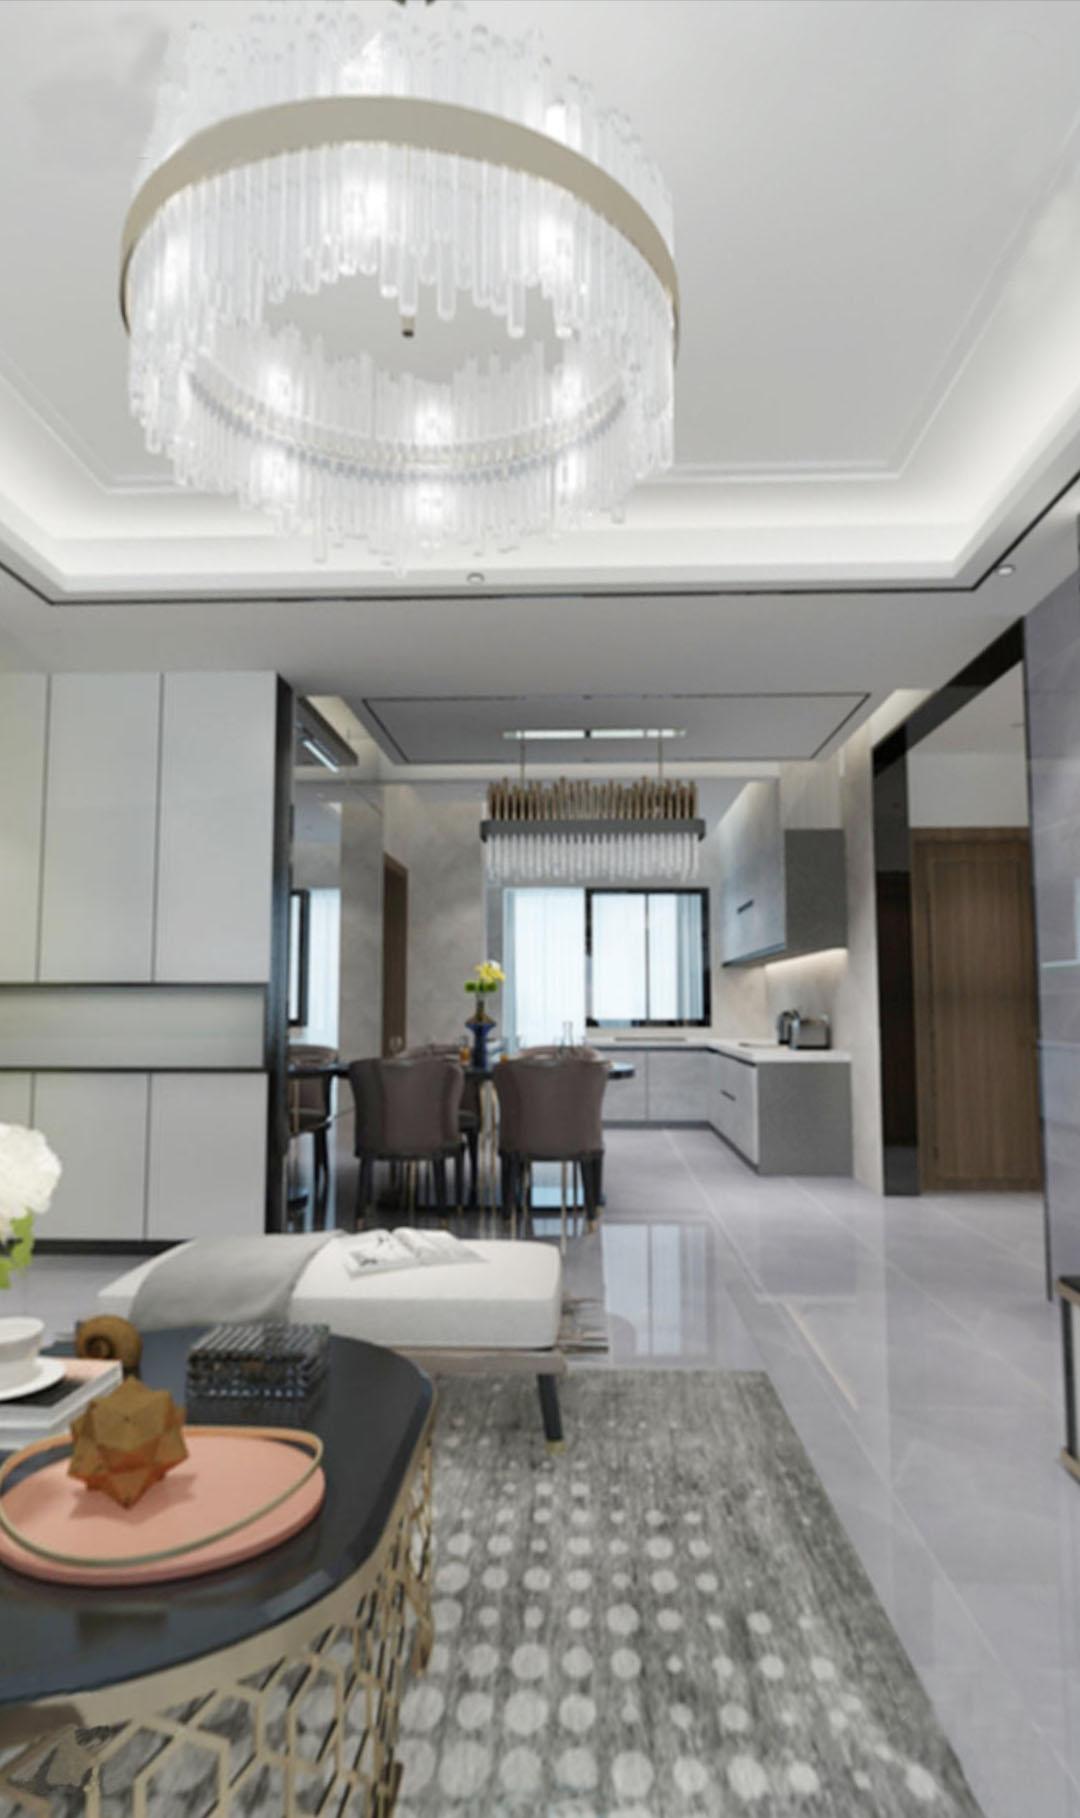 三居 现代轻奢 客厅图片来自云南俊雅装饰工程有限公司在都铎城邦的分享